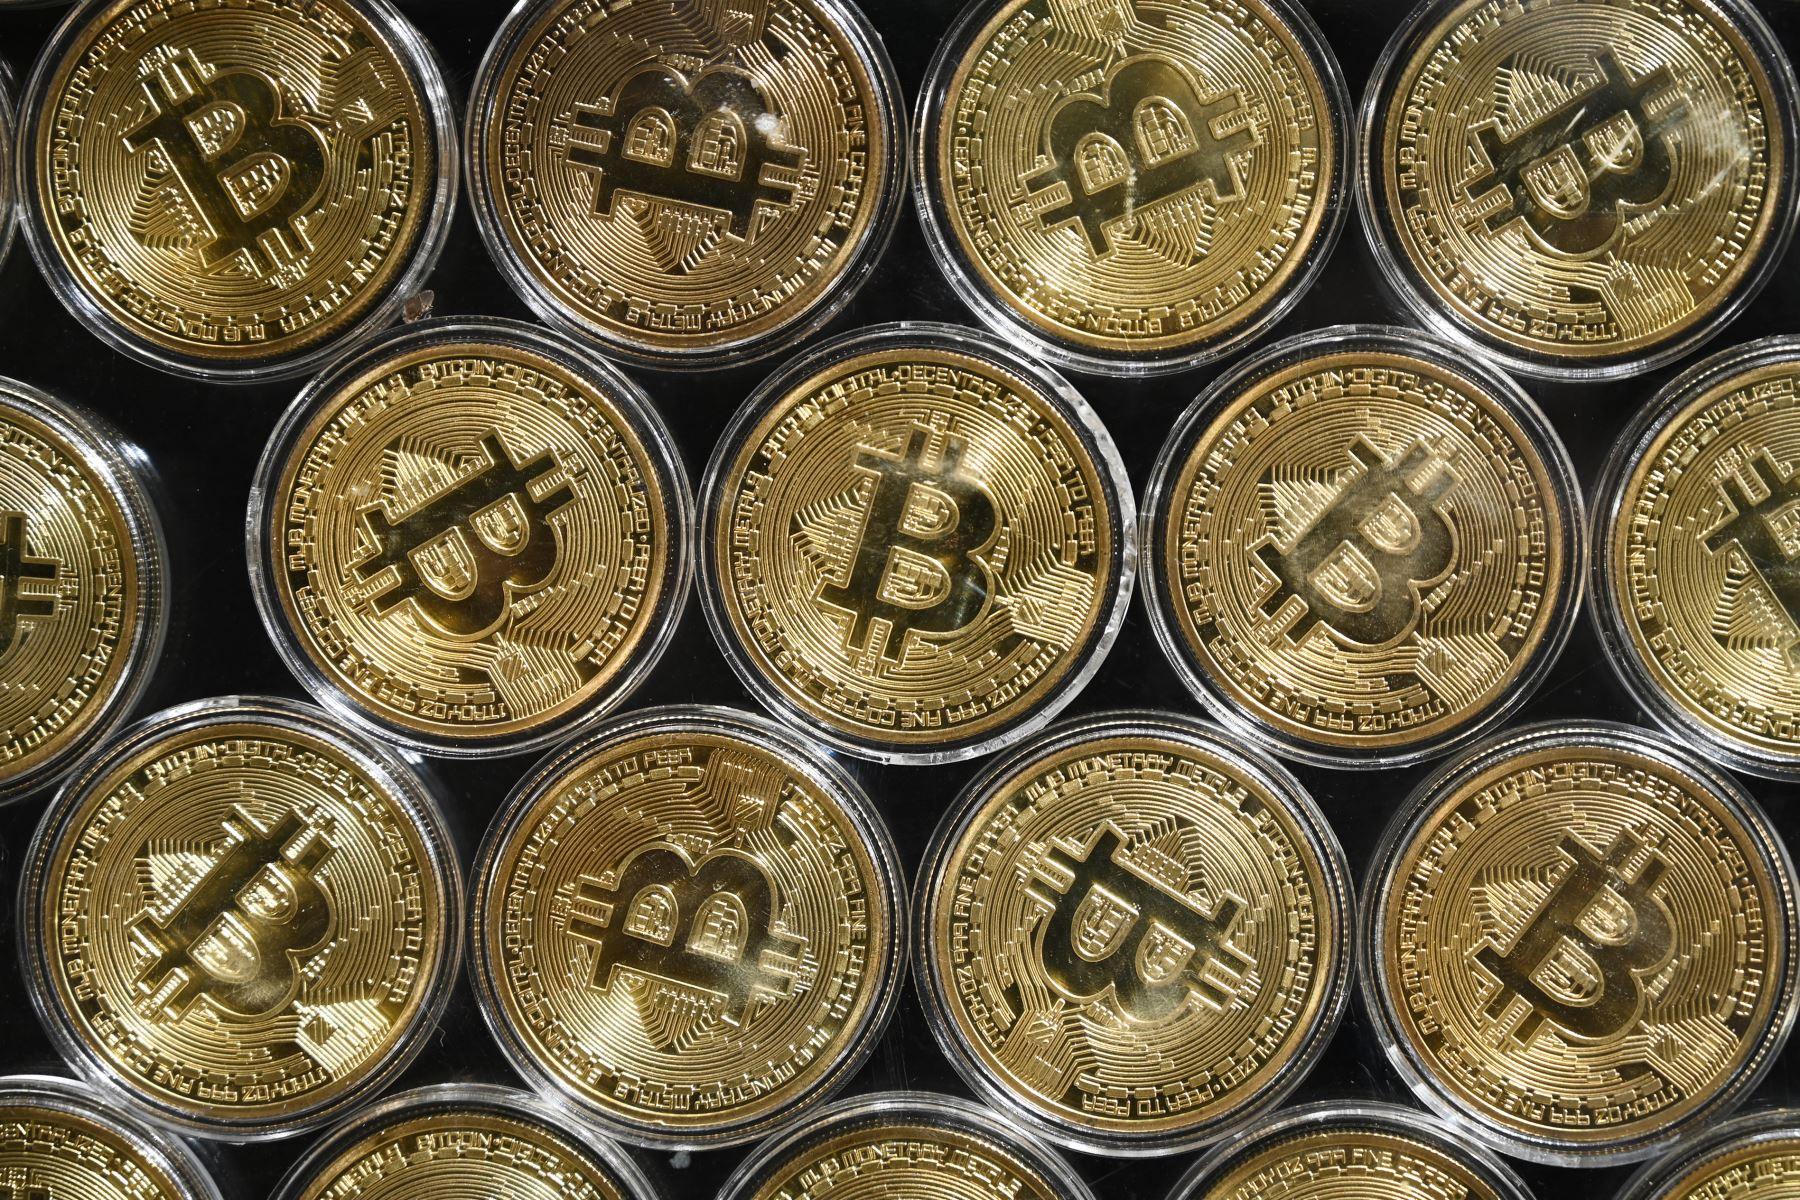 """<p><span style=""""background-color: transparent; color: rgb(0, 0, 0);"""">El bitcoin en el Sillón de la Verdad</span></p>"""